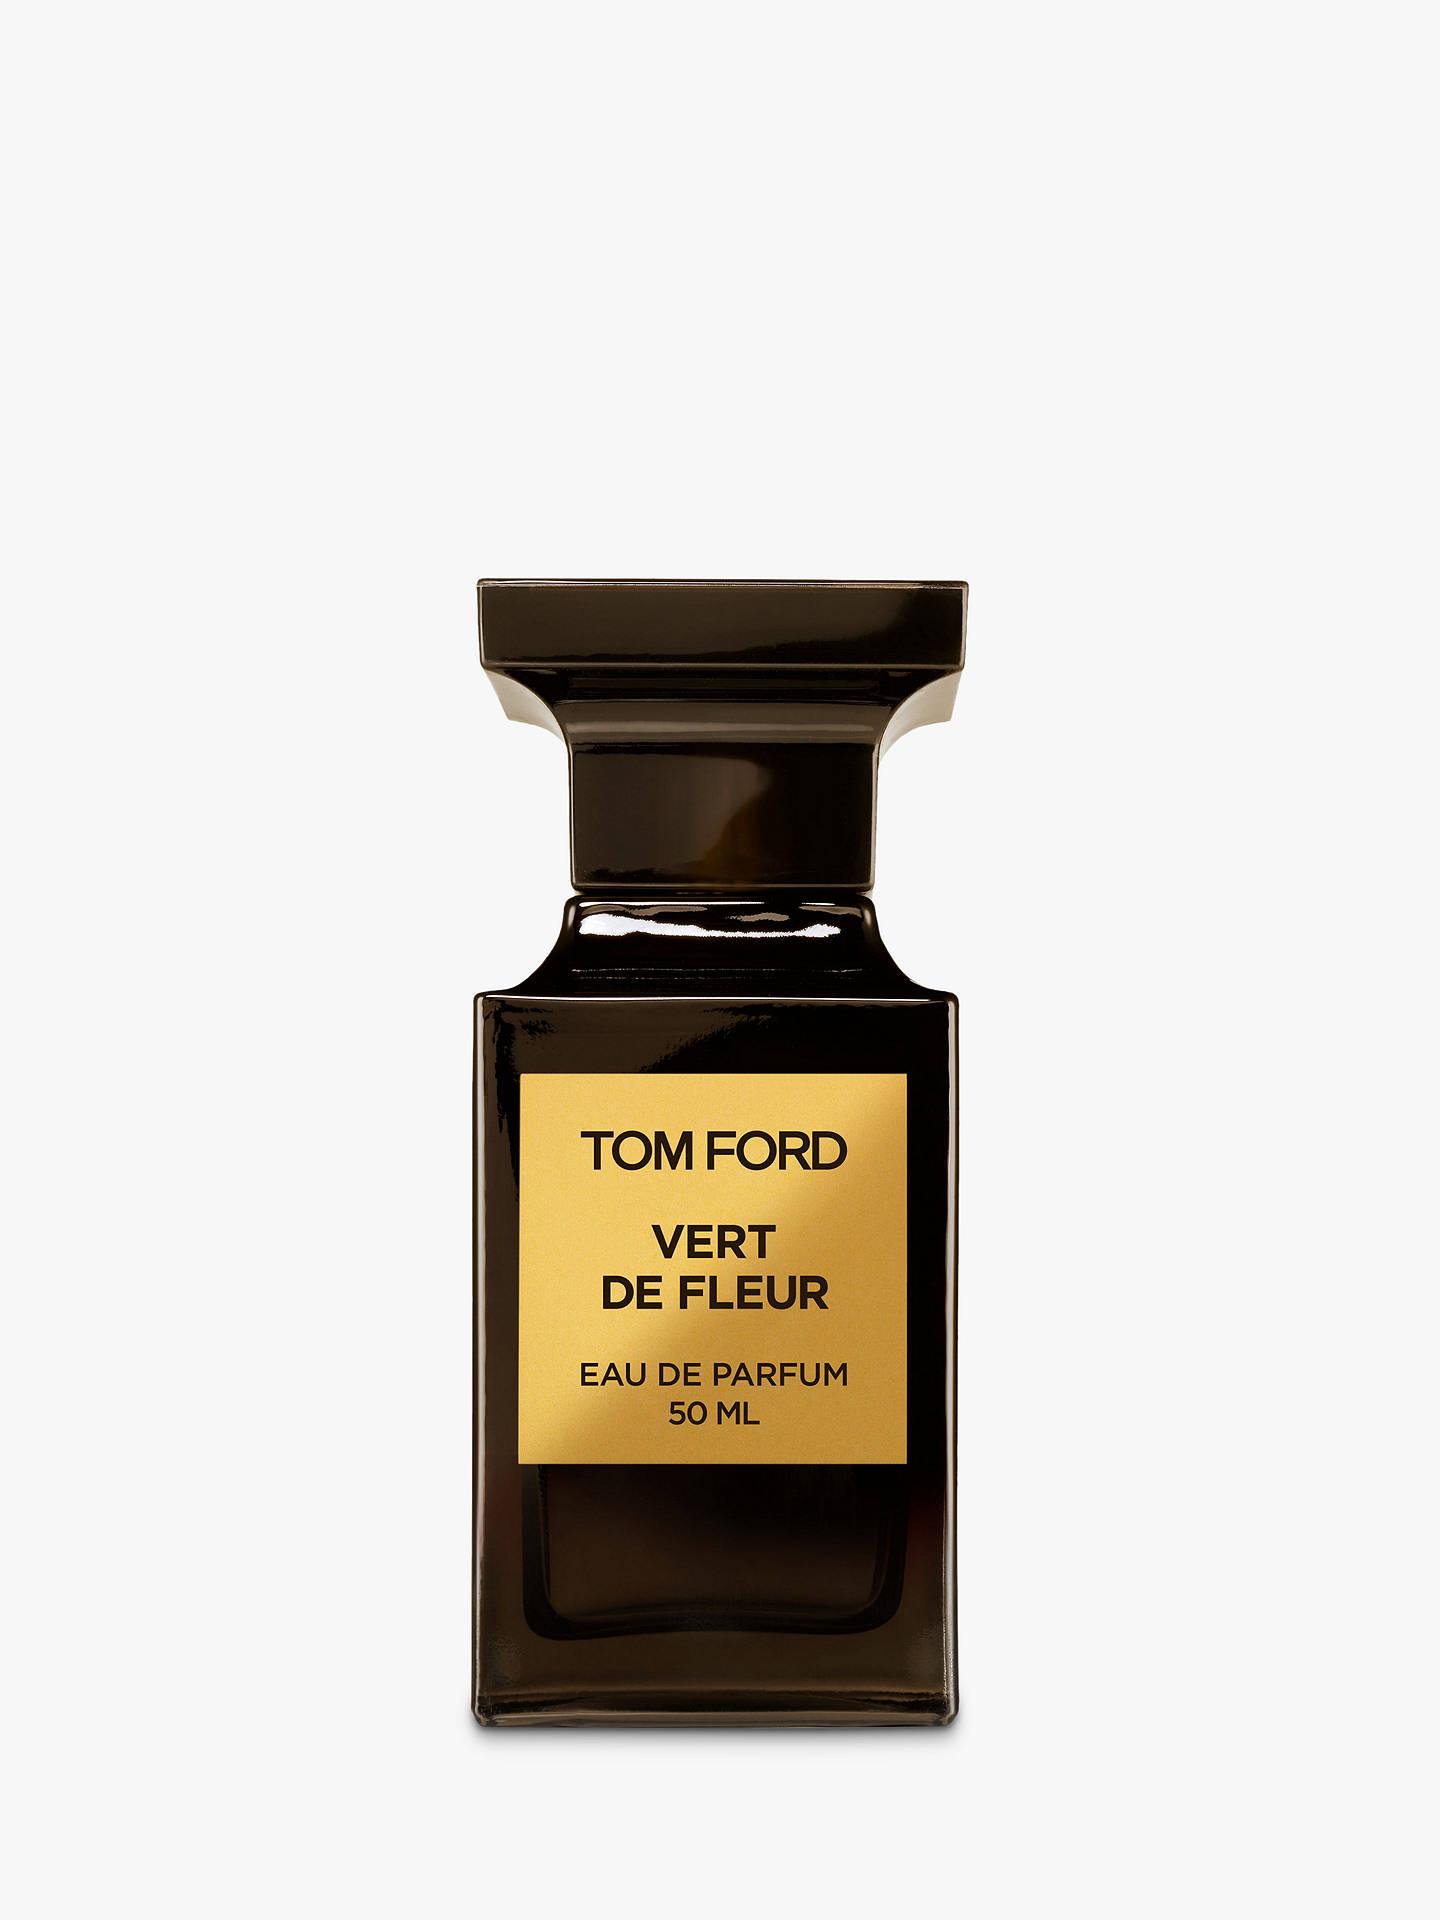 fcc4f6f6085b1 Homepage · Beauty · Women's Fragrance. Buy TOM FORD Private Blend Vert de  Fleur Eau de Parfum, 50ml Online at johnlewis